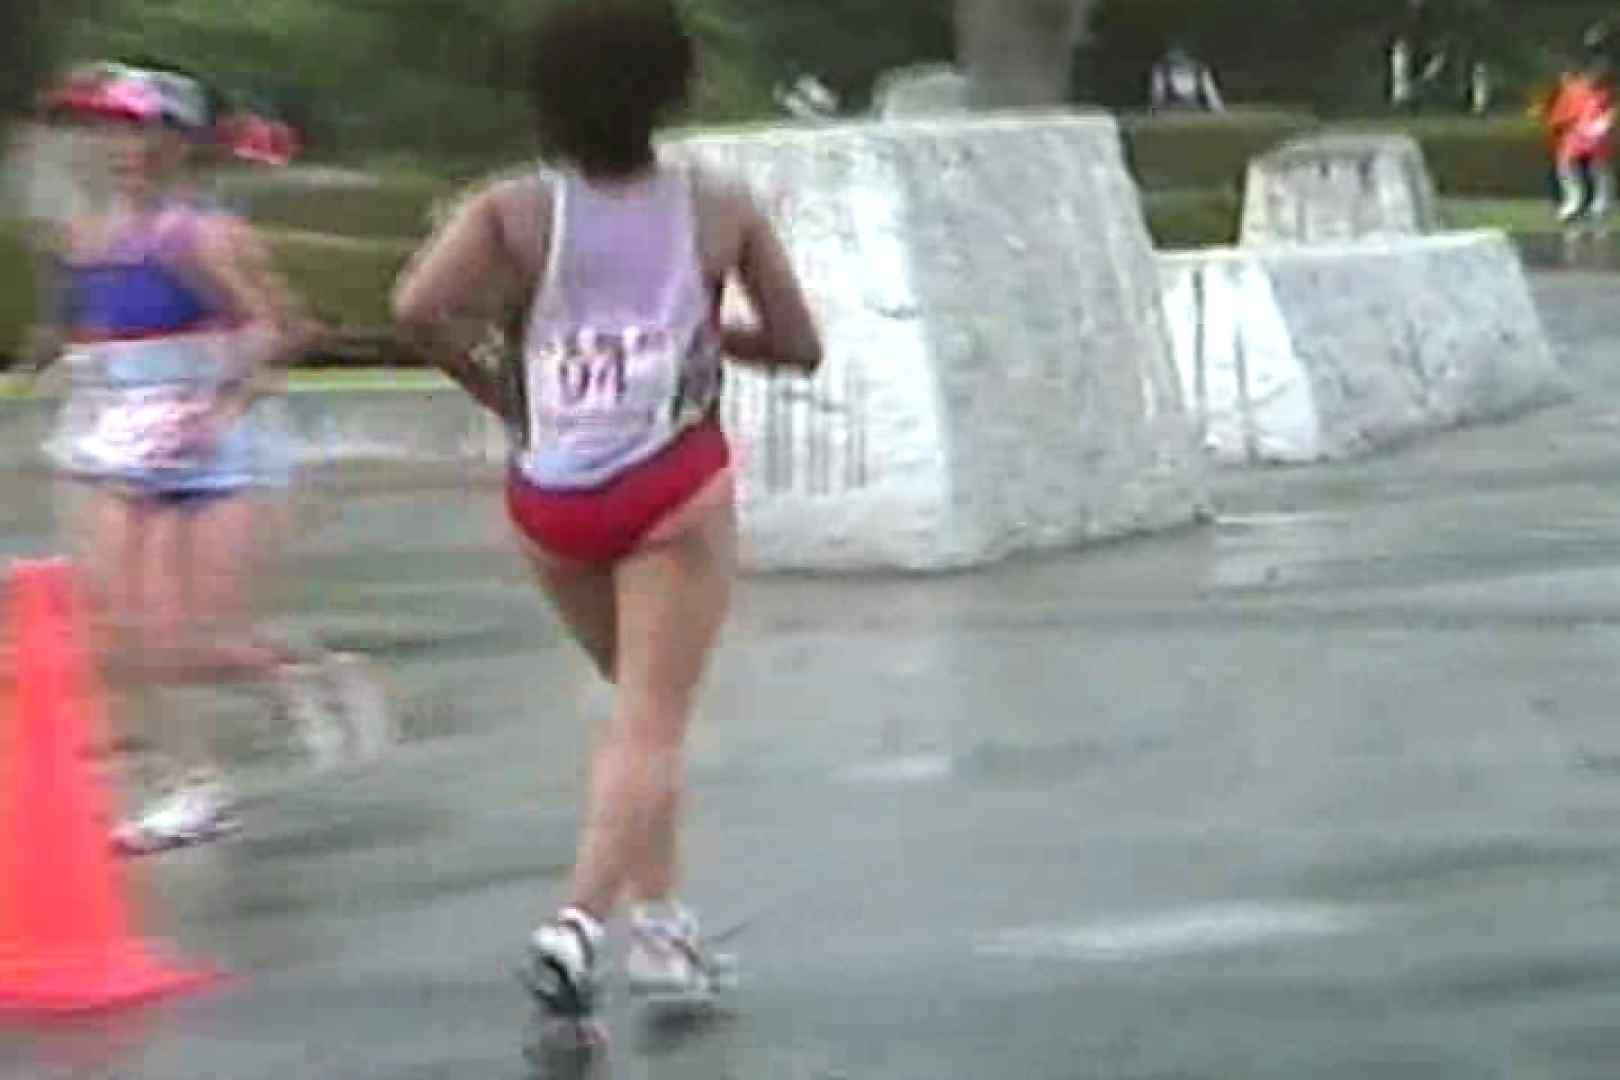 鉄人レース!!トライアスロンに挑む女性達!!Vol.4 OL女体   貧乳  47連発 10